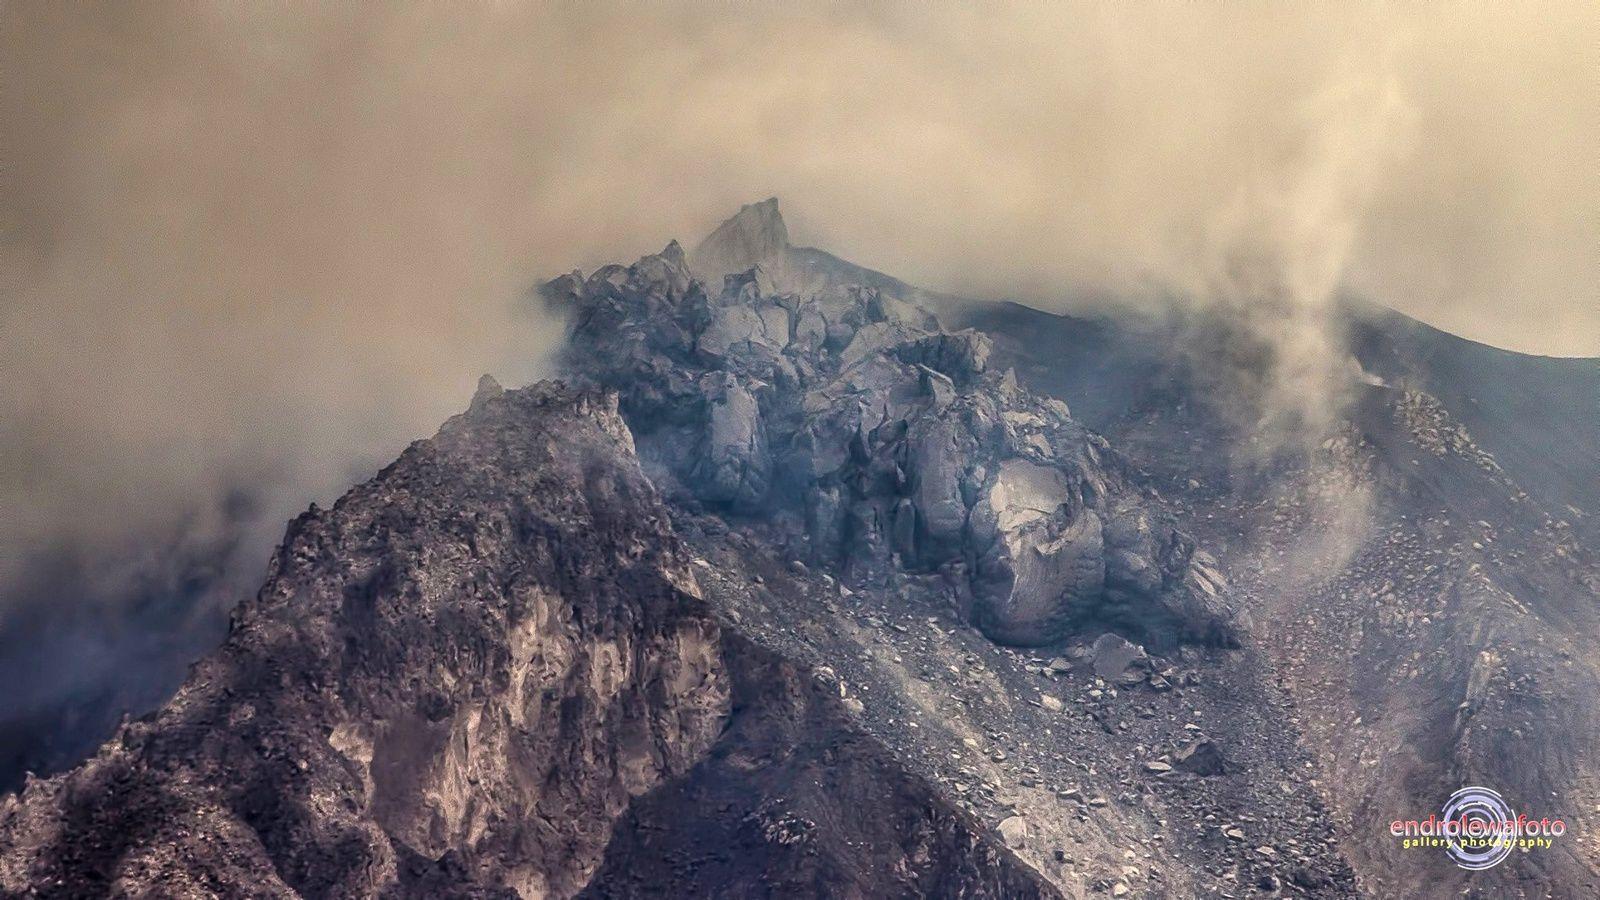 Sinabung - en haut, le dôme le 19.06.2016 / photo Firdaus Surbakti via Beidar Sinabung - en bas, le dôme, le 14.06.2016 /12h46 / photo endro Lewa